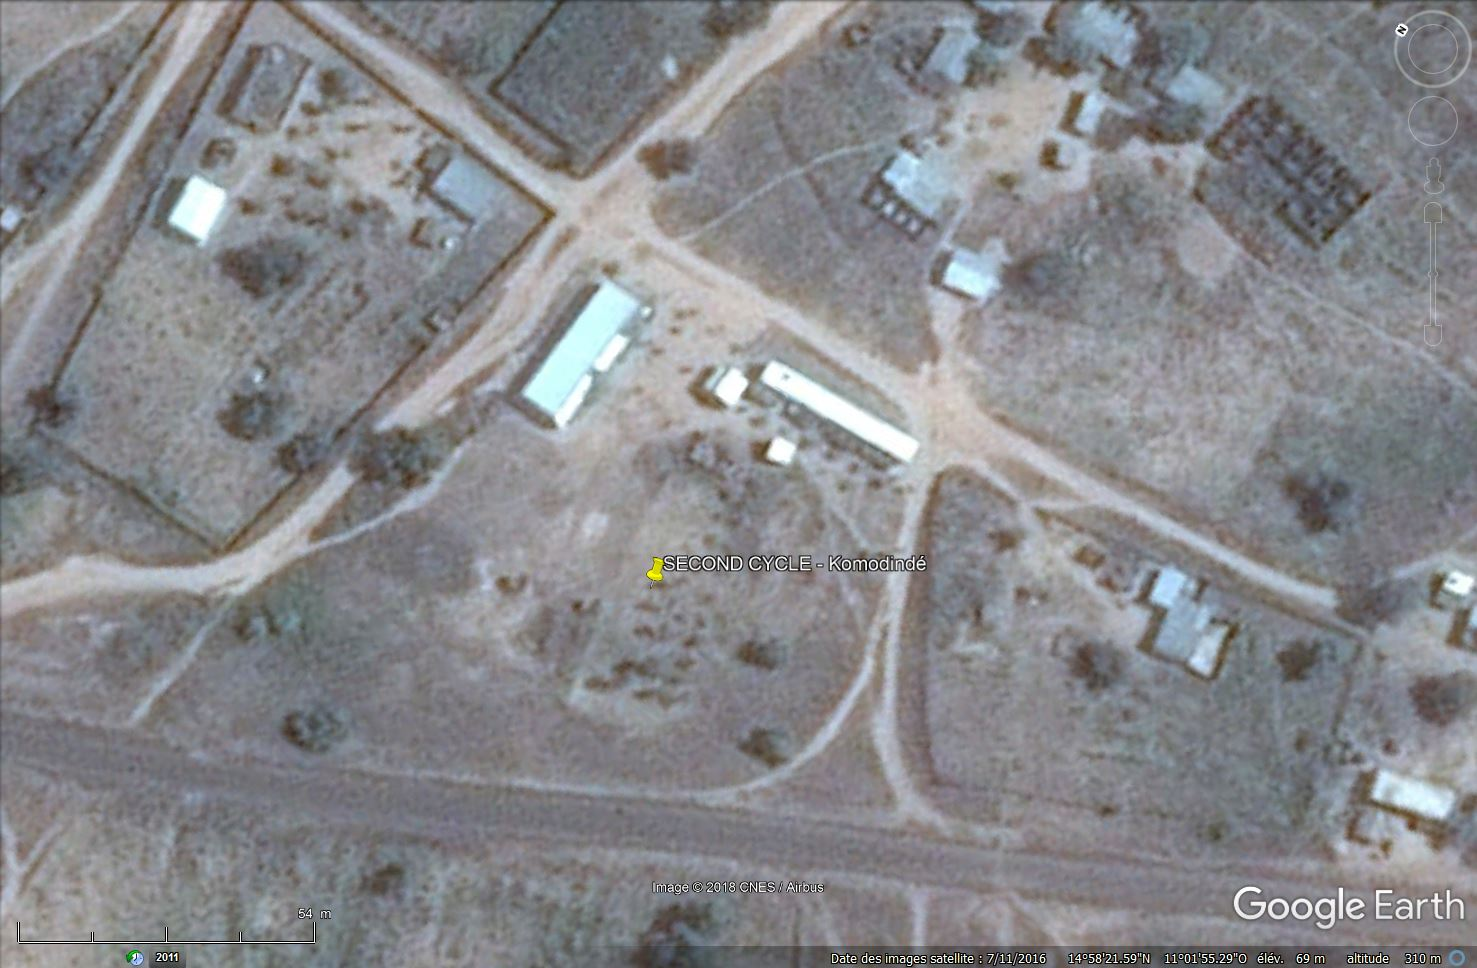 [Désormais visible sur Google-Earth] - Le collège (second cycle) de Komodindé - Mali Tsge_093